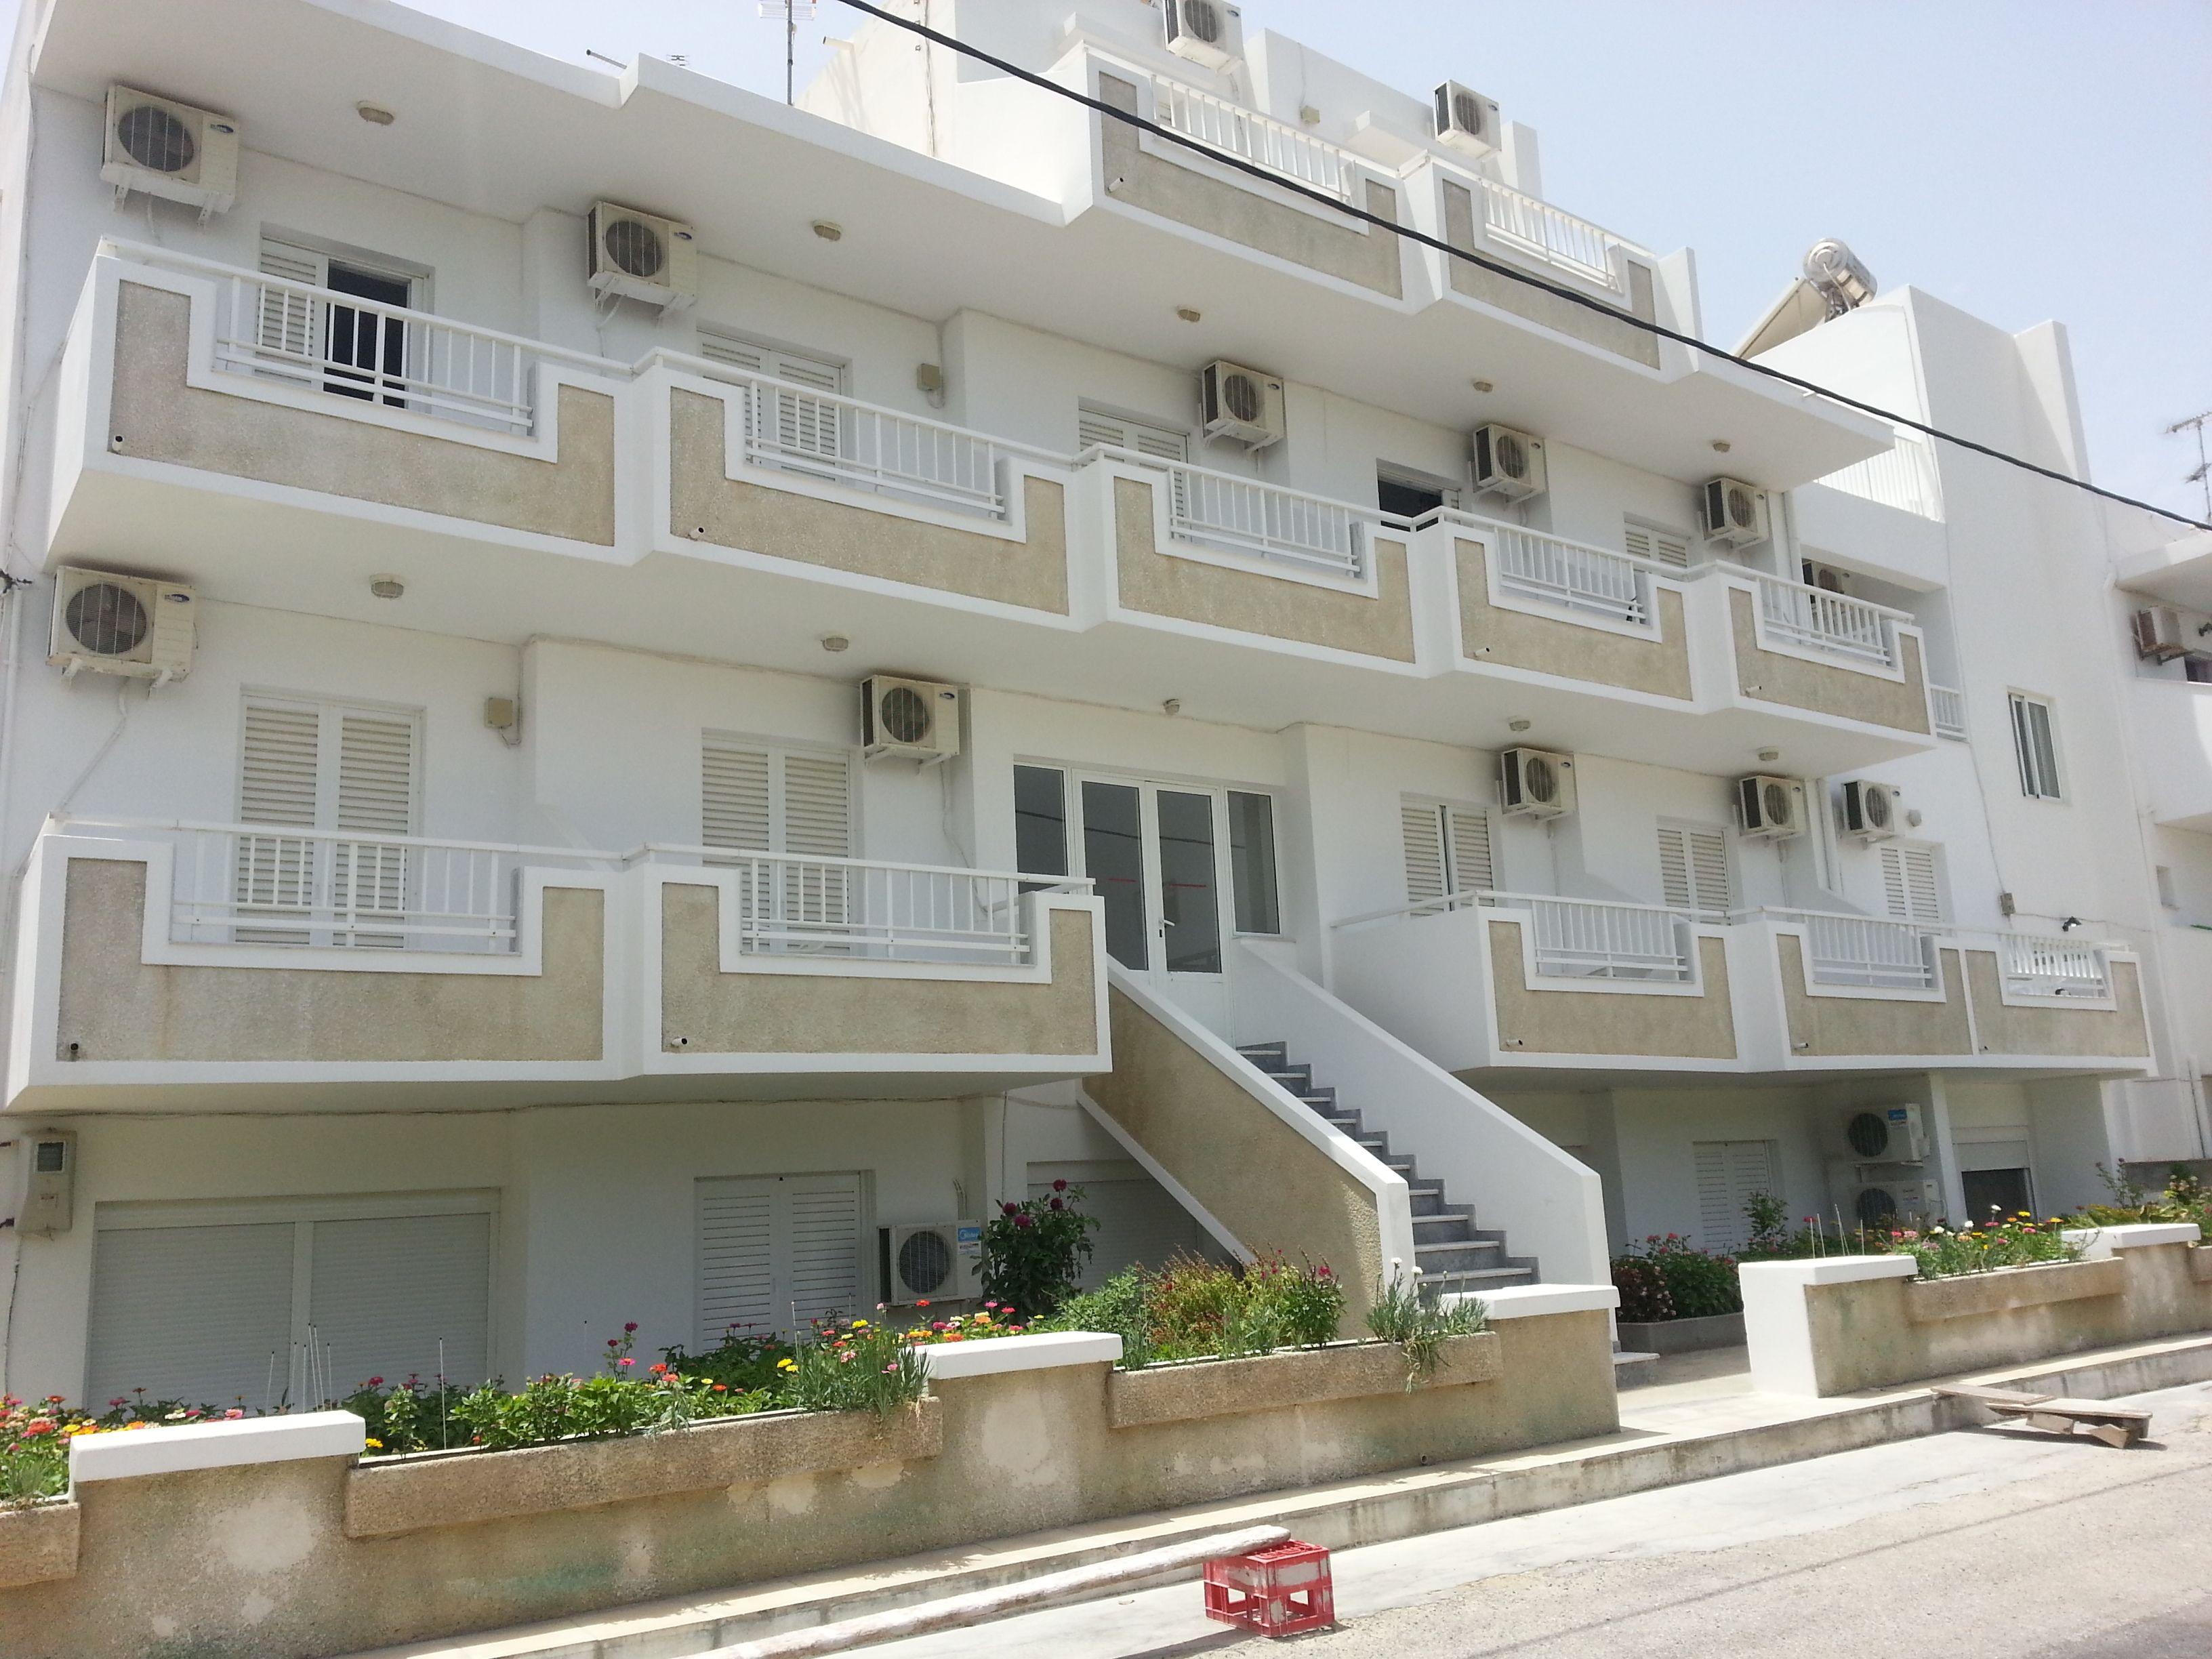 Fania Apartments